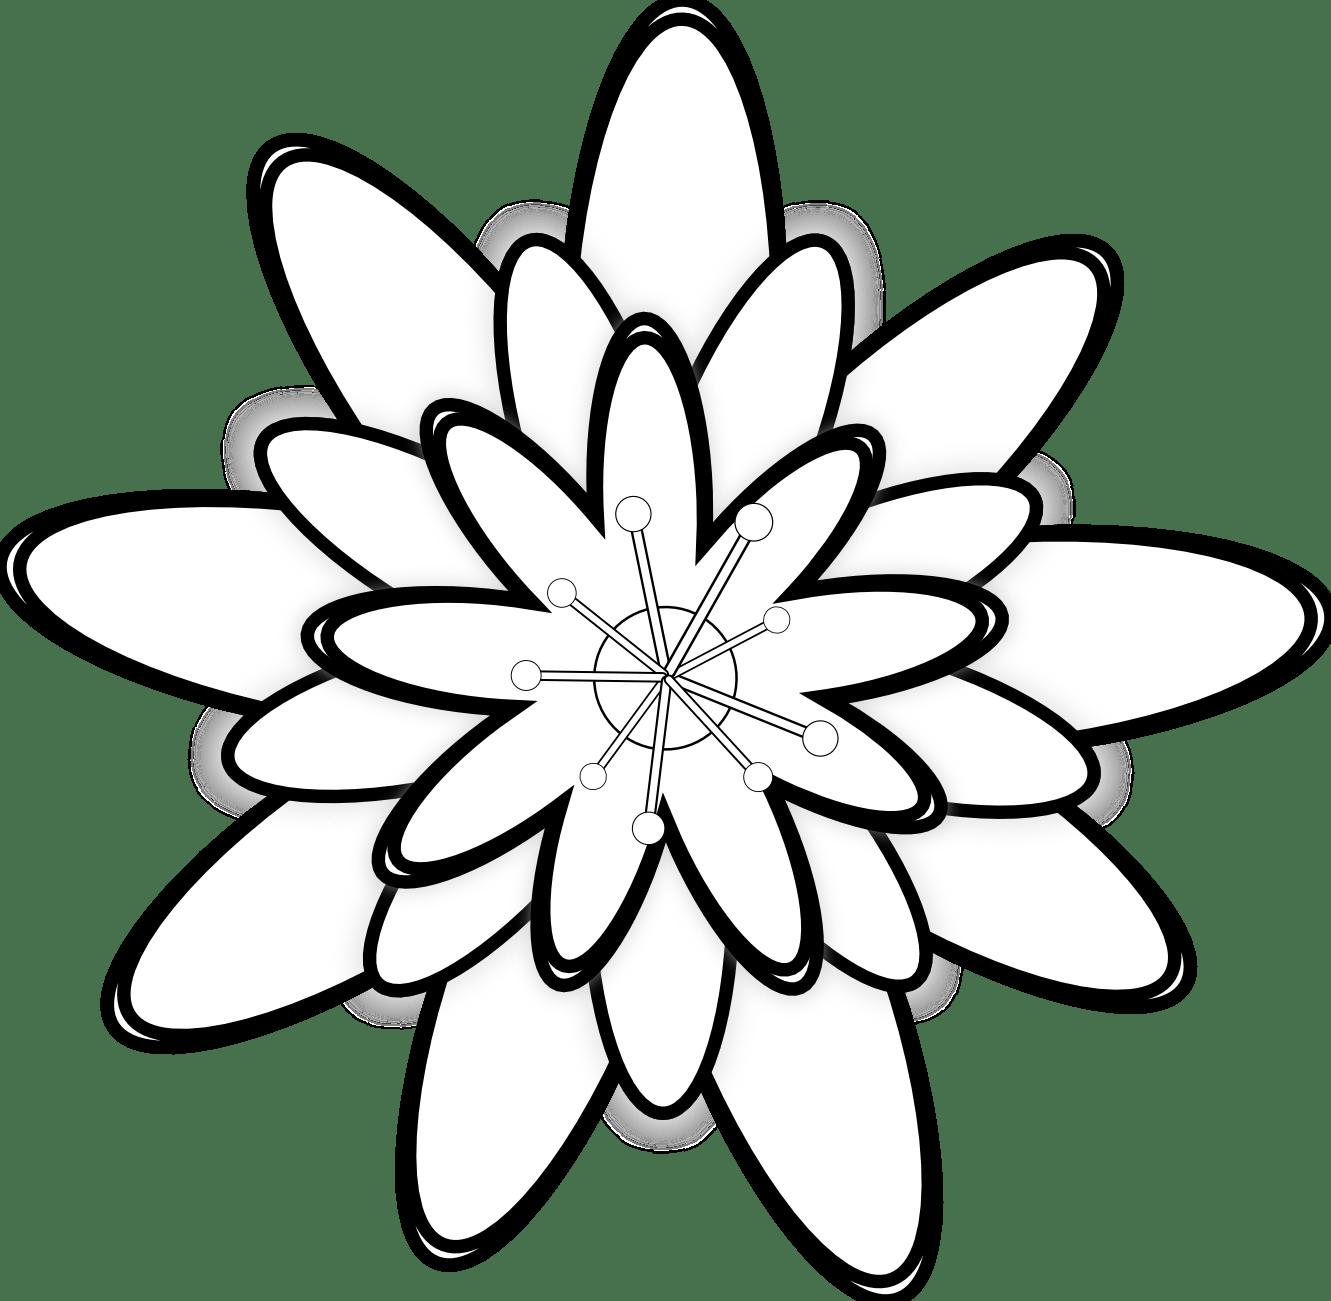 Gambar  Bunga  Teratai Kartun  Pickini